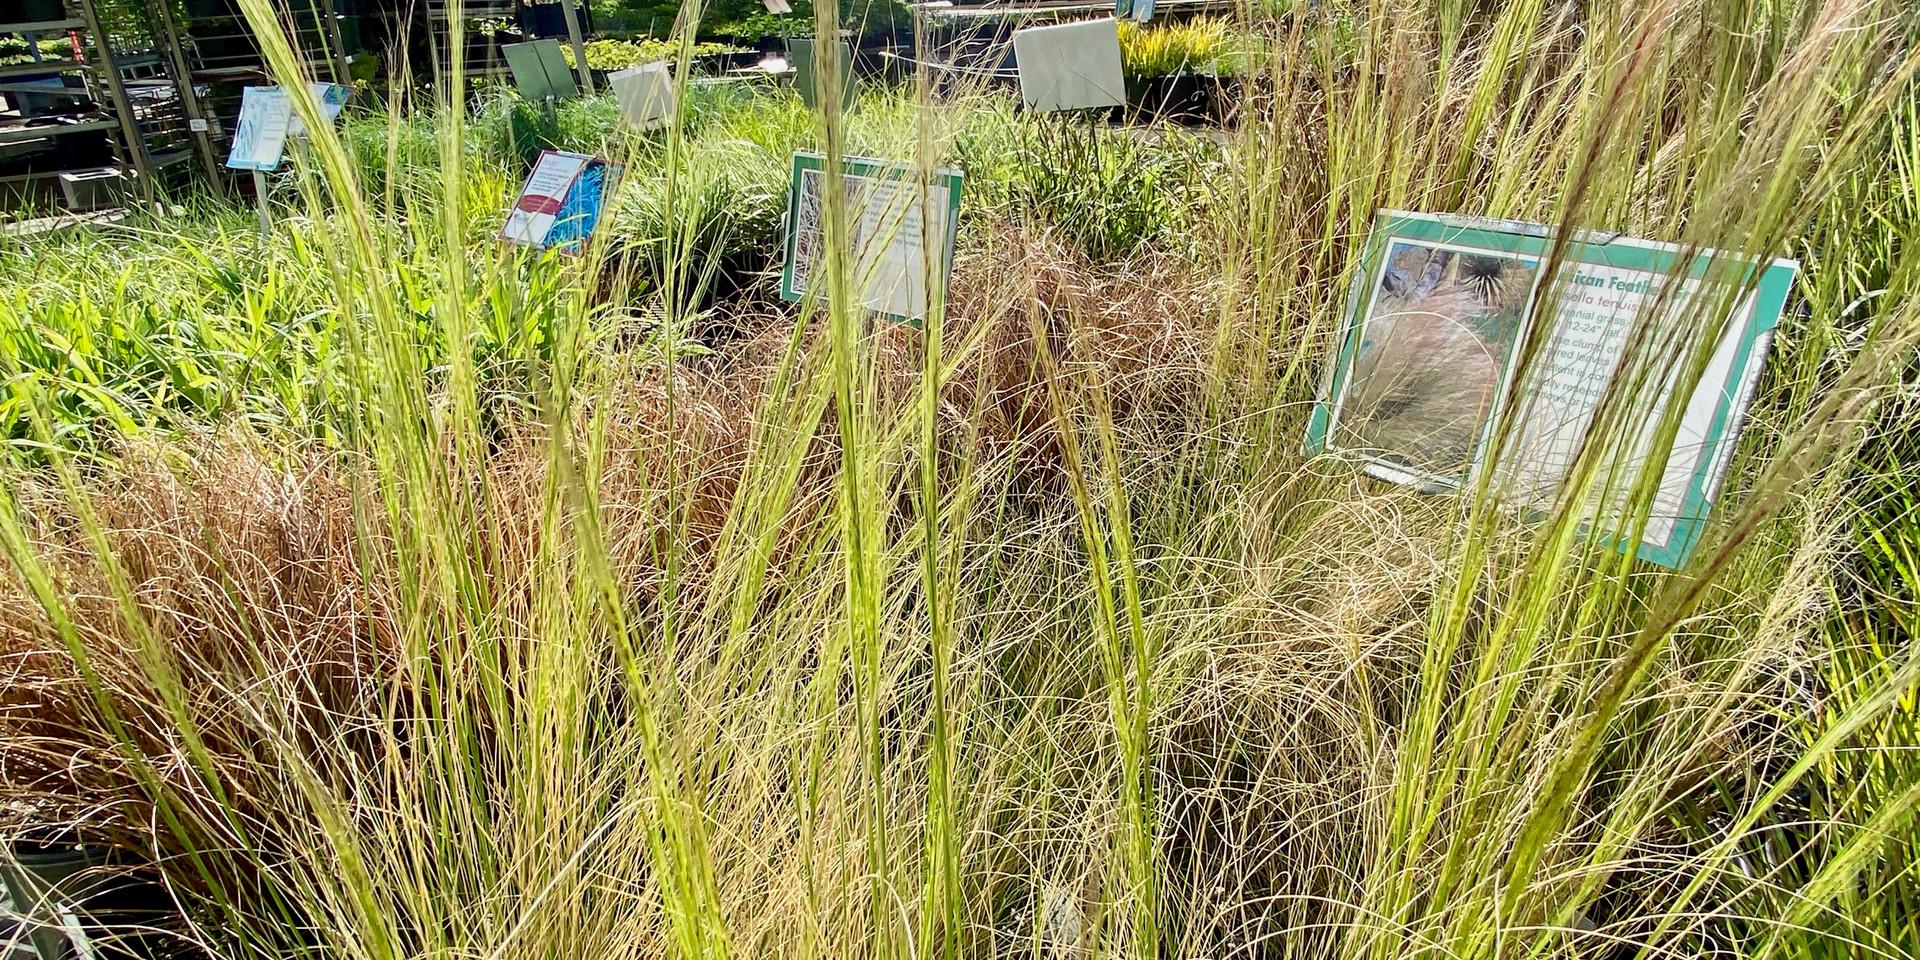 Some gorgeous perennial grass options this season!